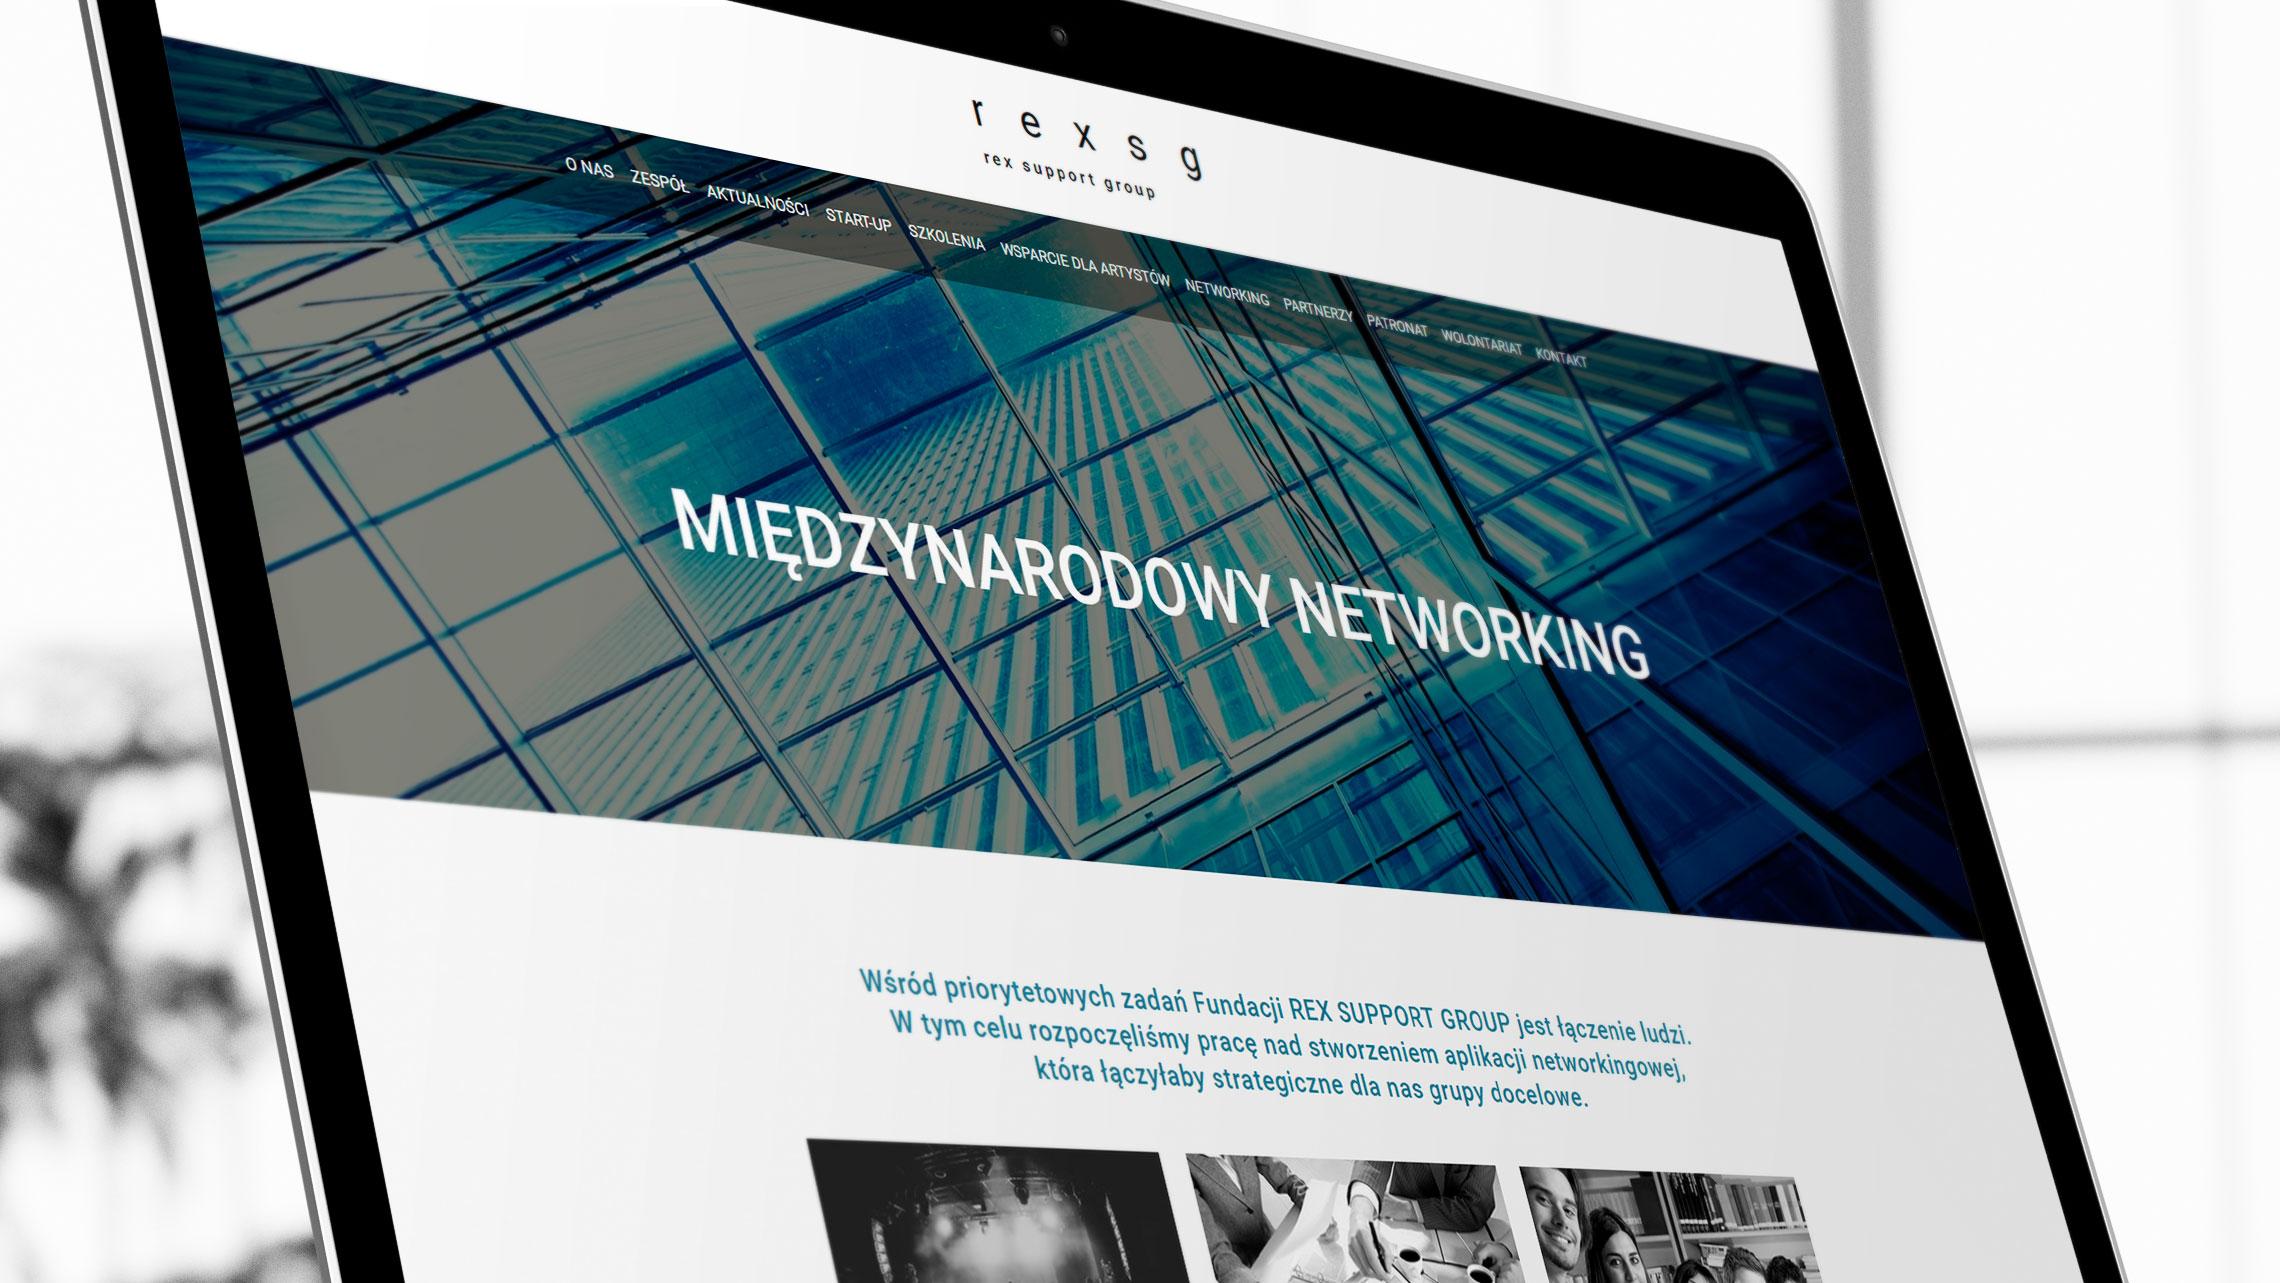 Sekcja międzynarodowy networking nastronie internetowej fundacji Rex SG